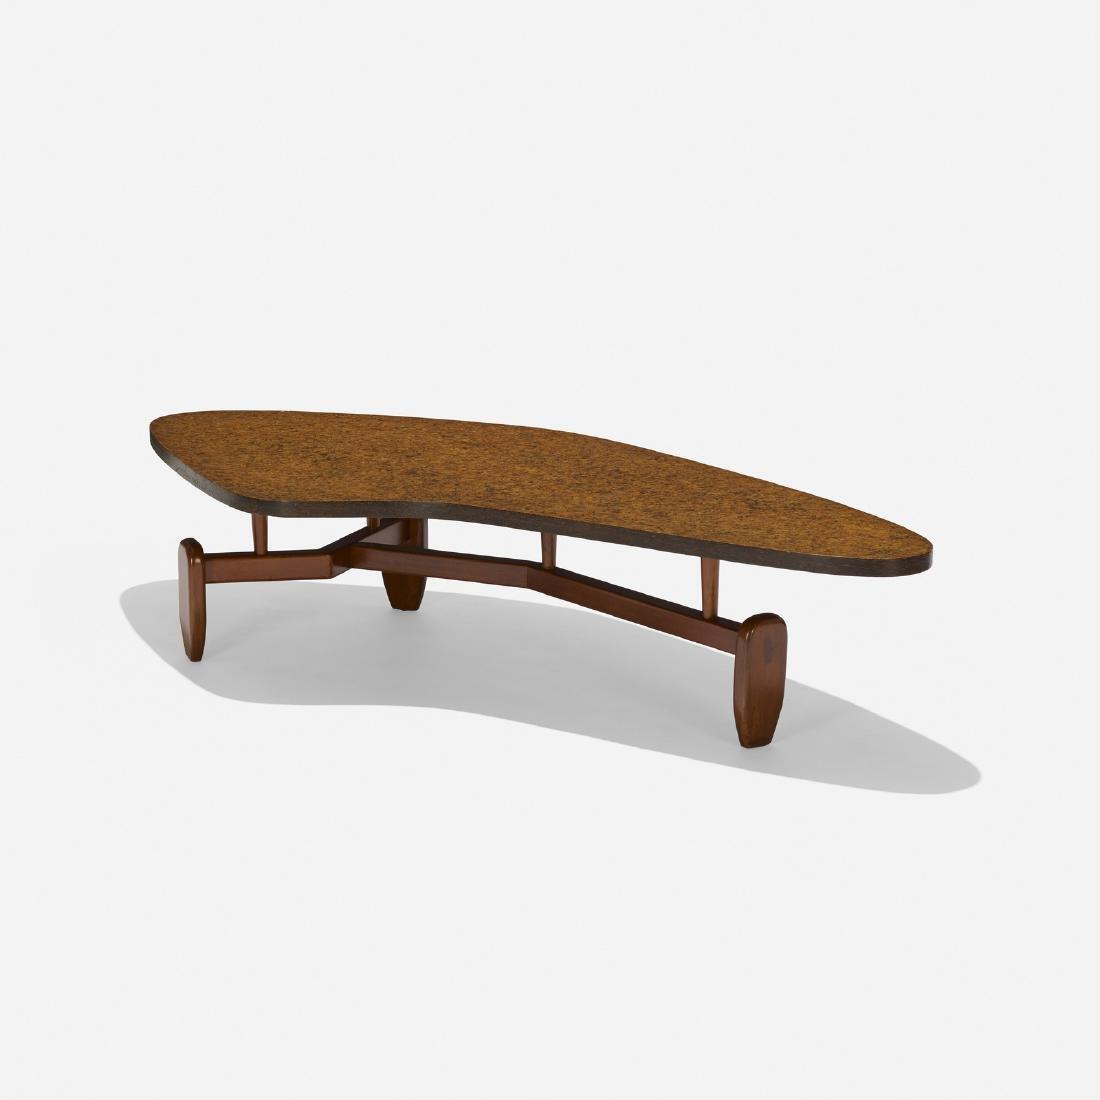 John Keal, coffee table